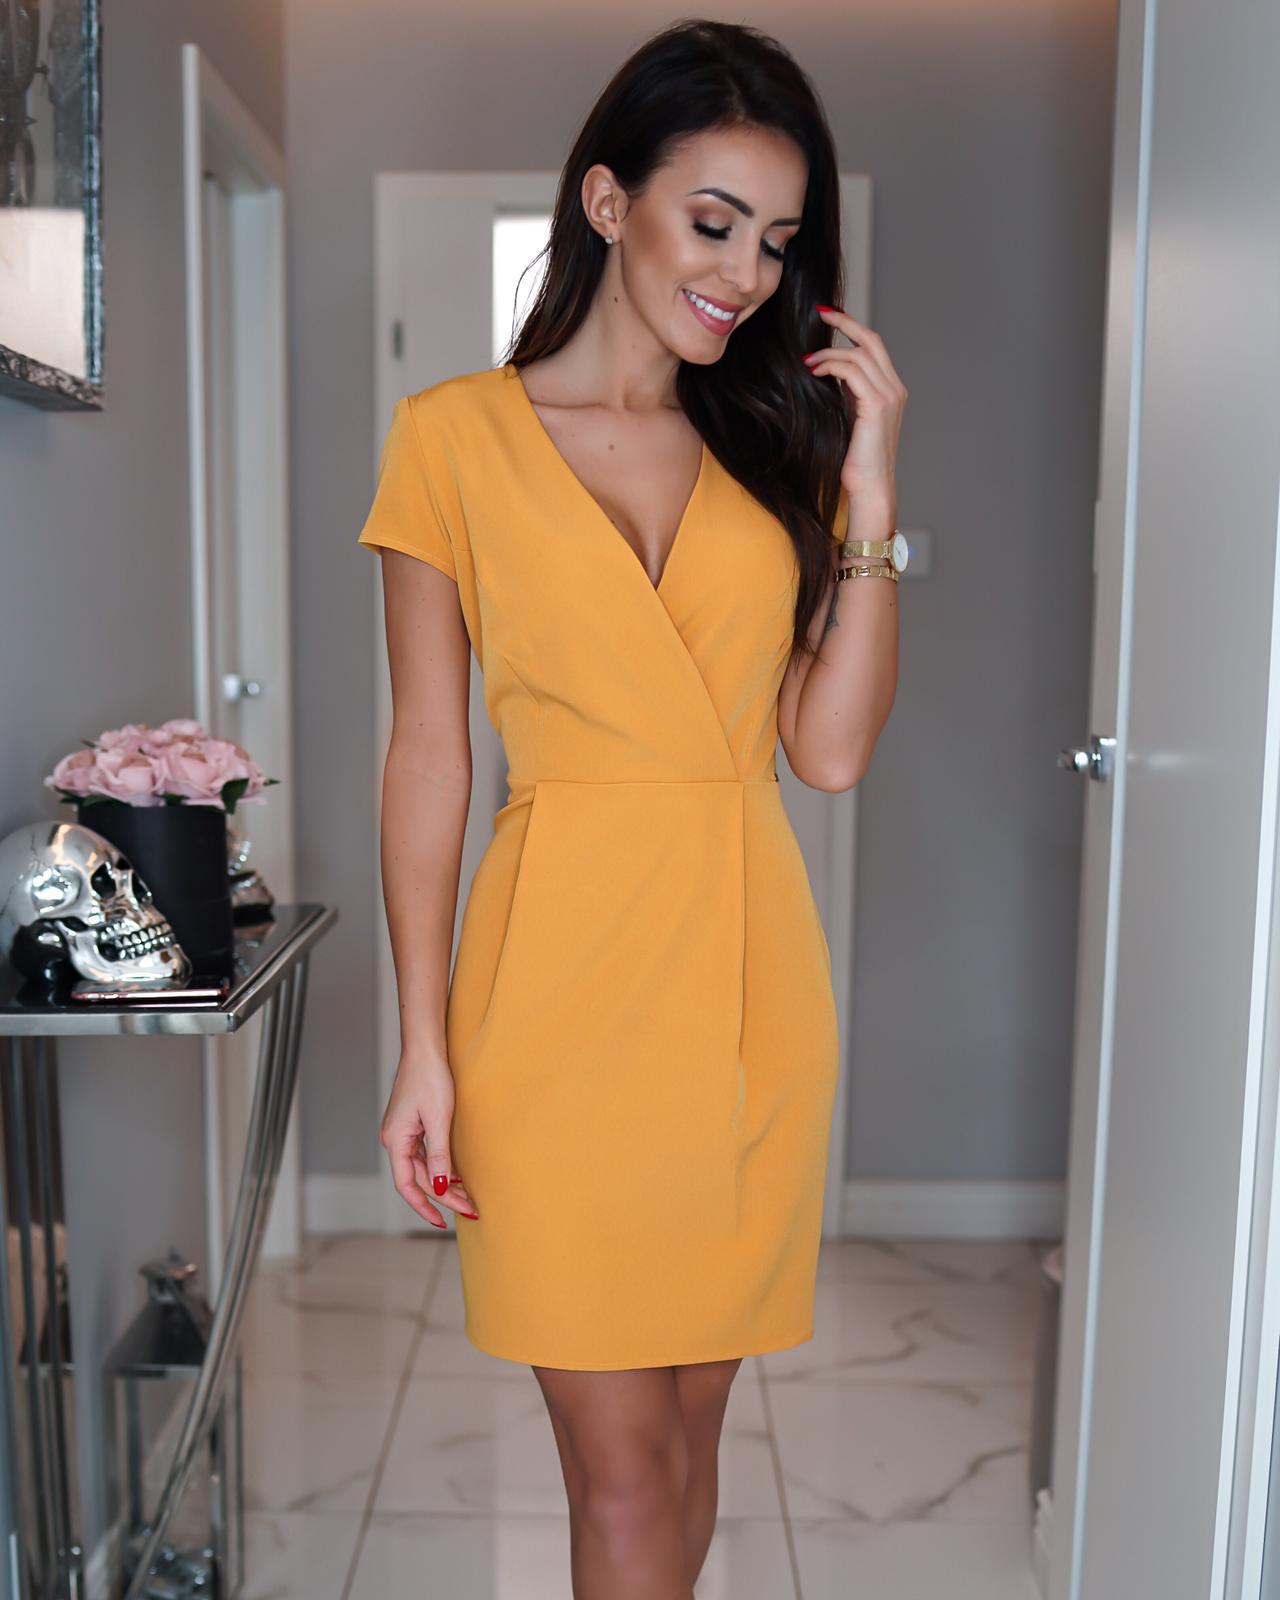 fd1b0c1c12 Elegancka sukienka z kopertowym dekoltem KM295-7 - ❤ Kartes-Moda ❤